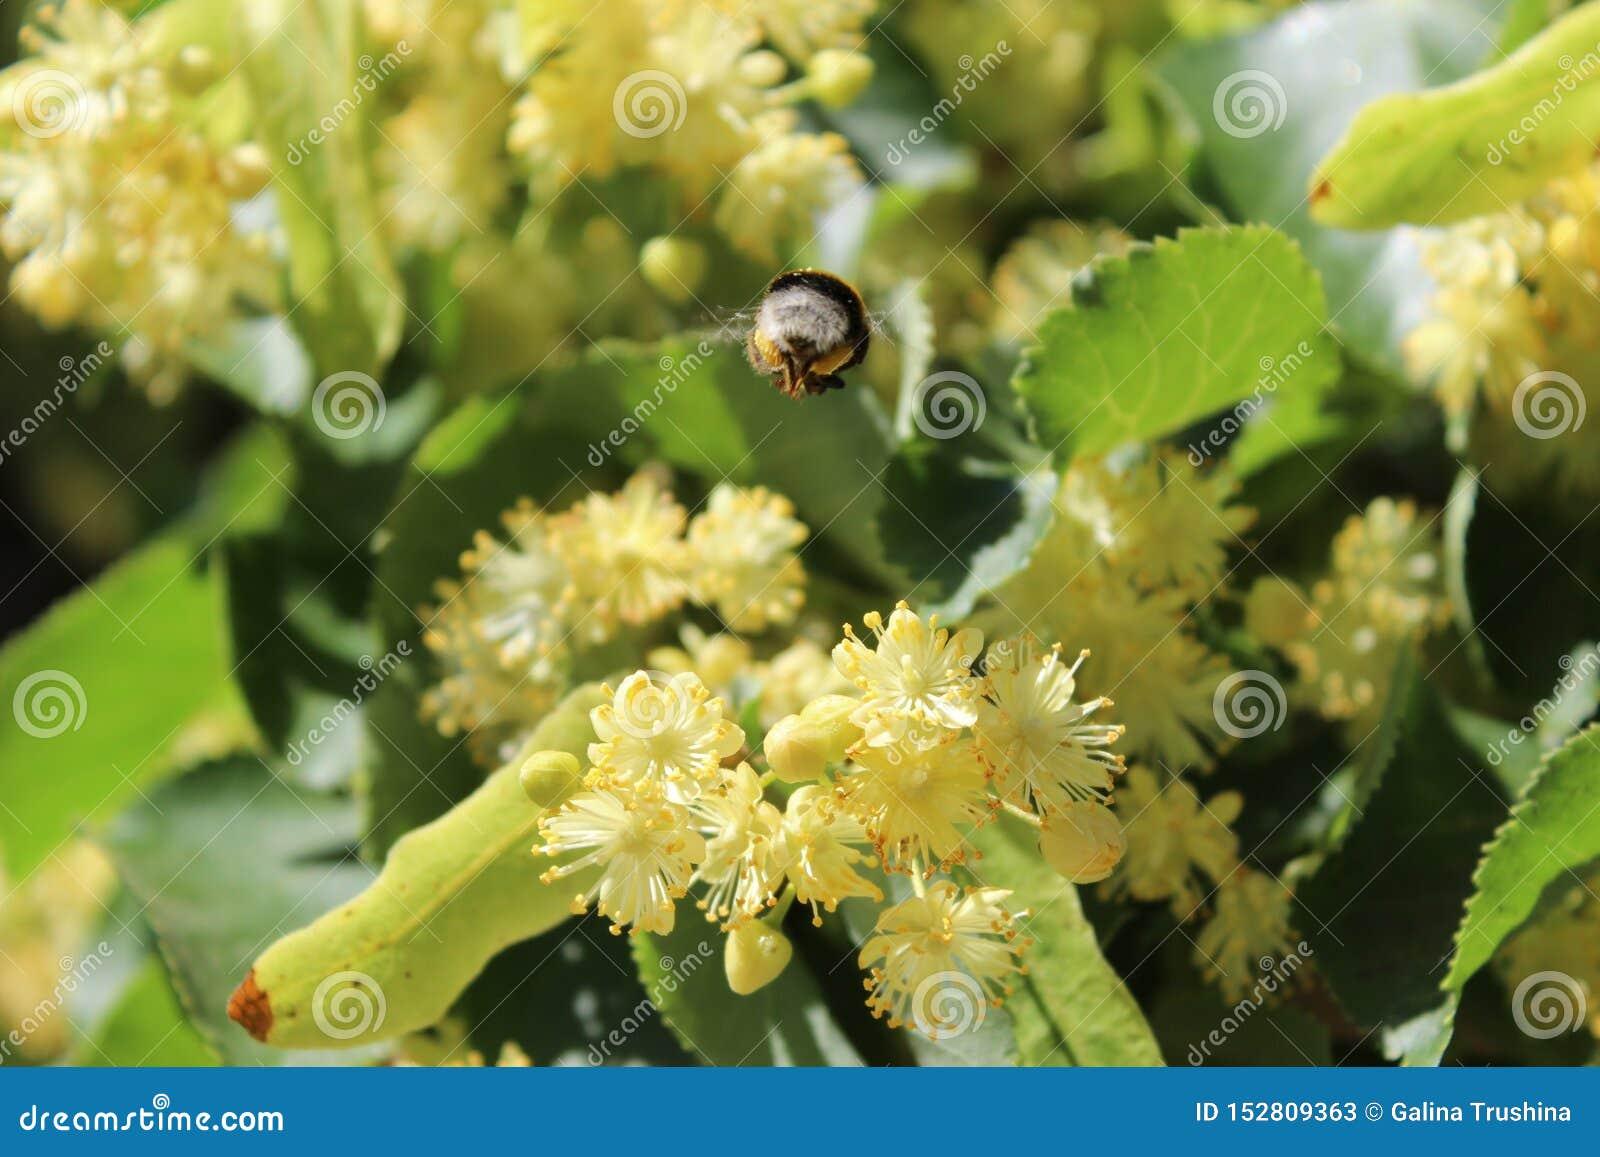 Liten humla på blommor för lindträd, ljust solljus